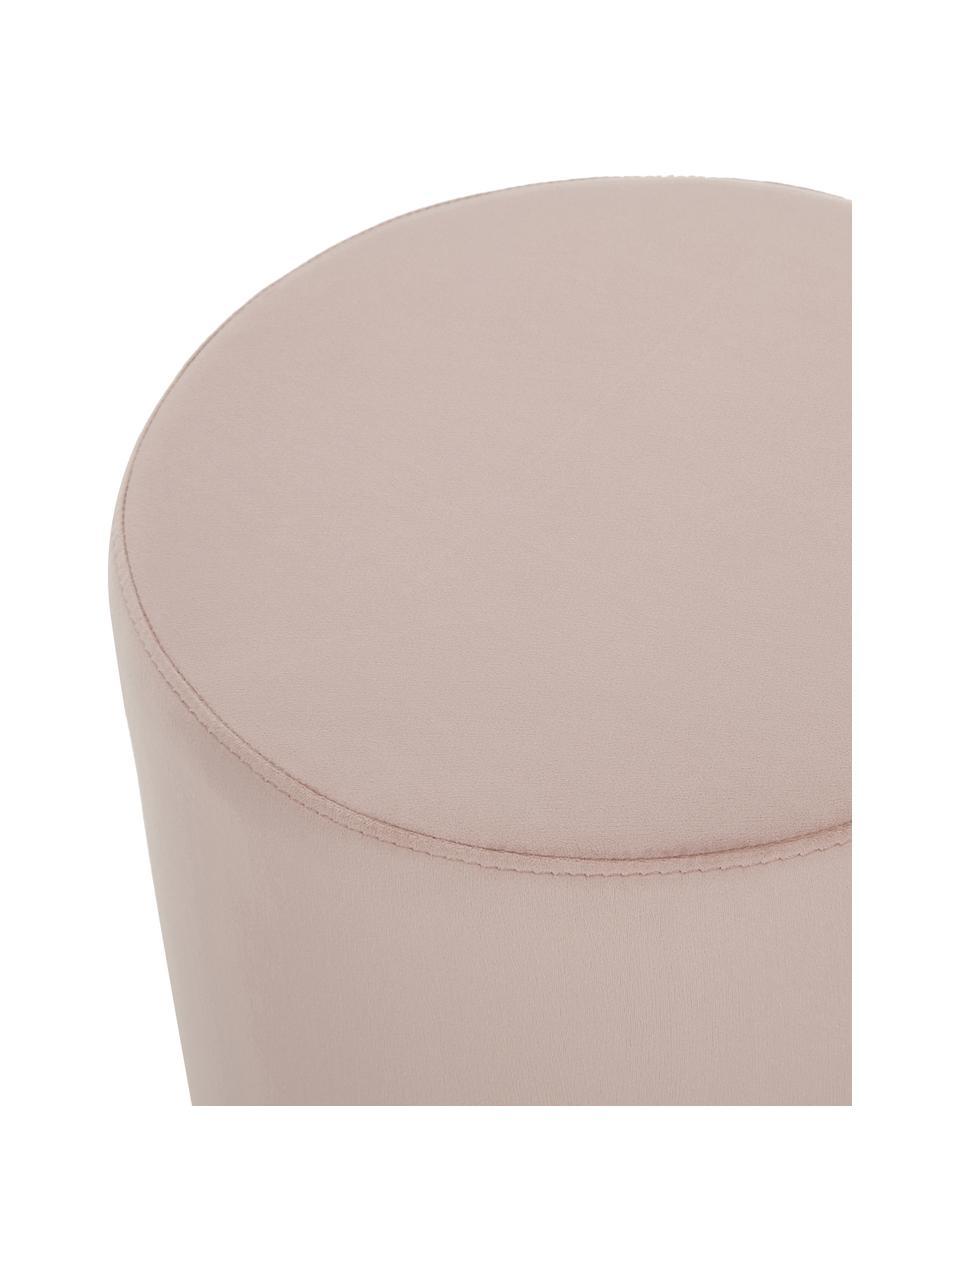 Puf z aksamitu Daisy, Tapicerka: aksamit (poliester) Dzięk, Aksamitny blady różowy, Ø 38 x W 45 cm